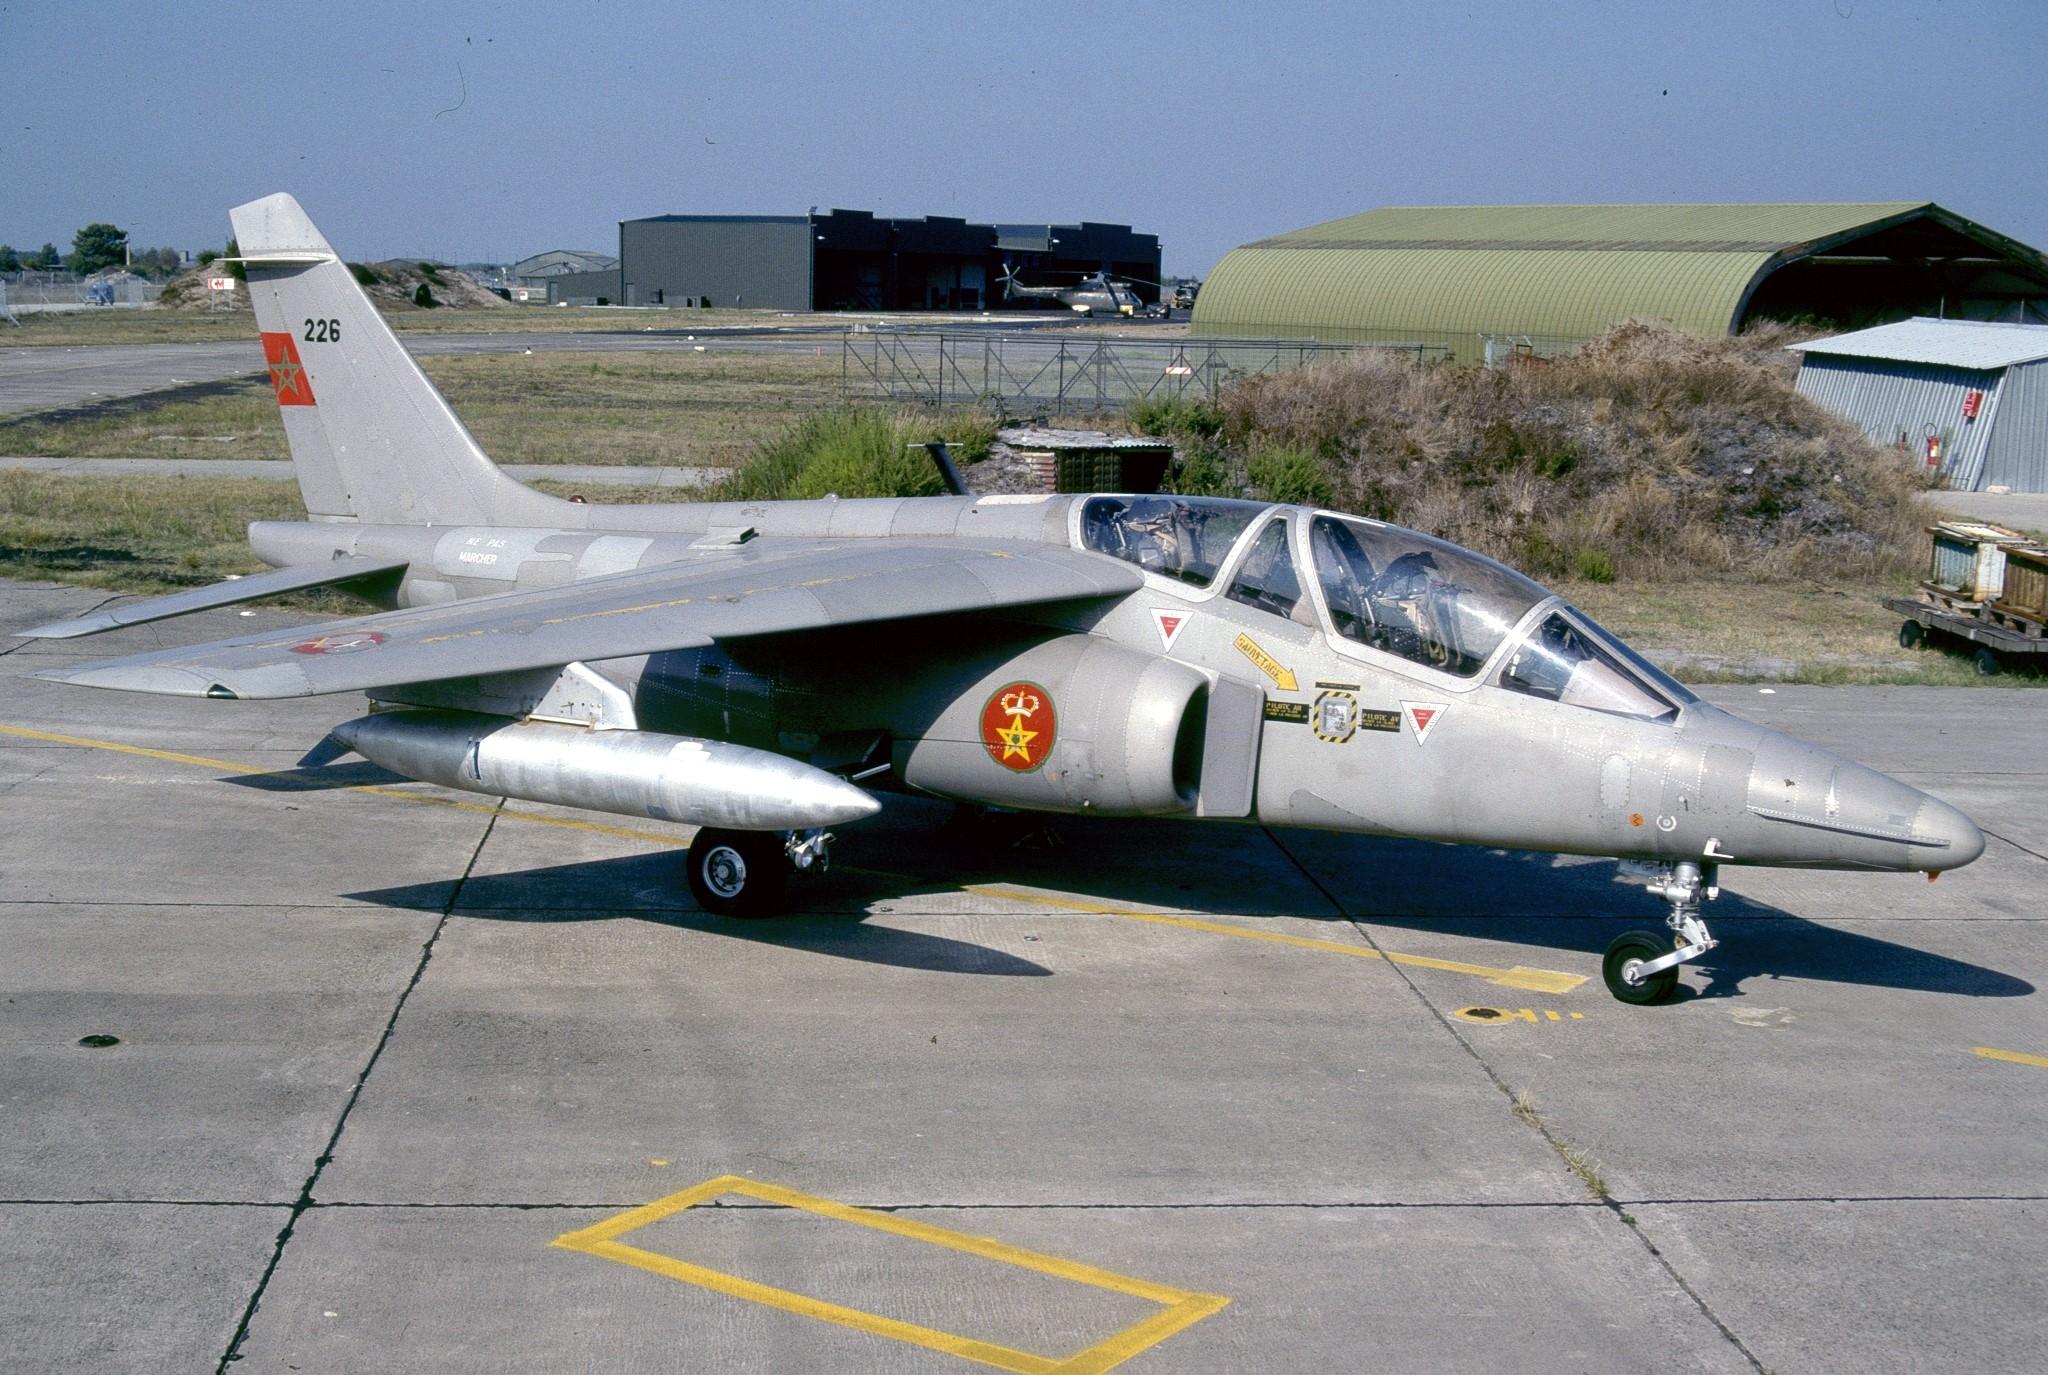 القوات الجوية الملكية المغربية - متجدد - - صفحة 2 160122051514307860